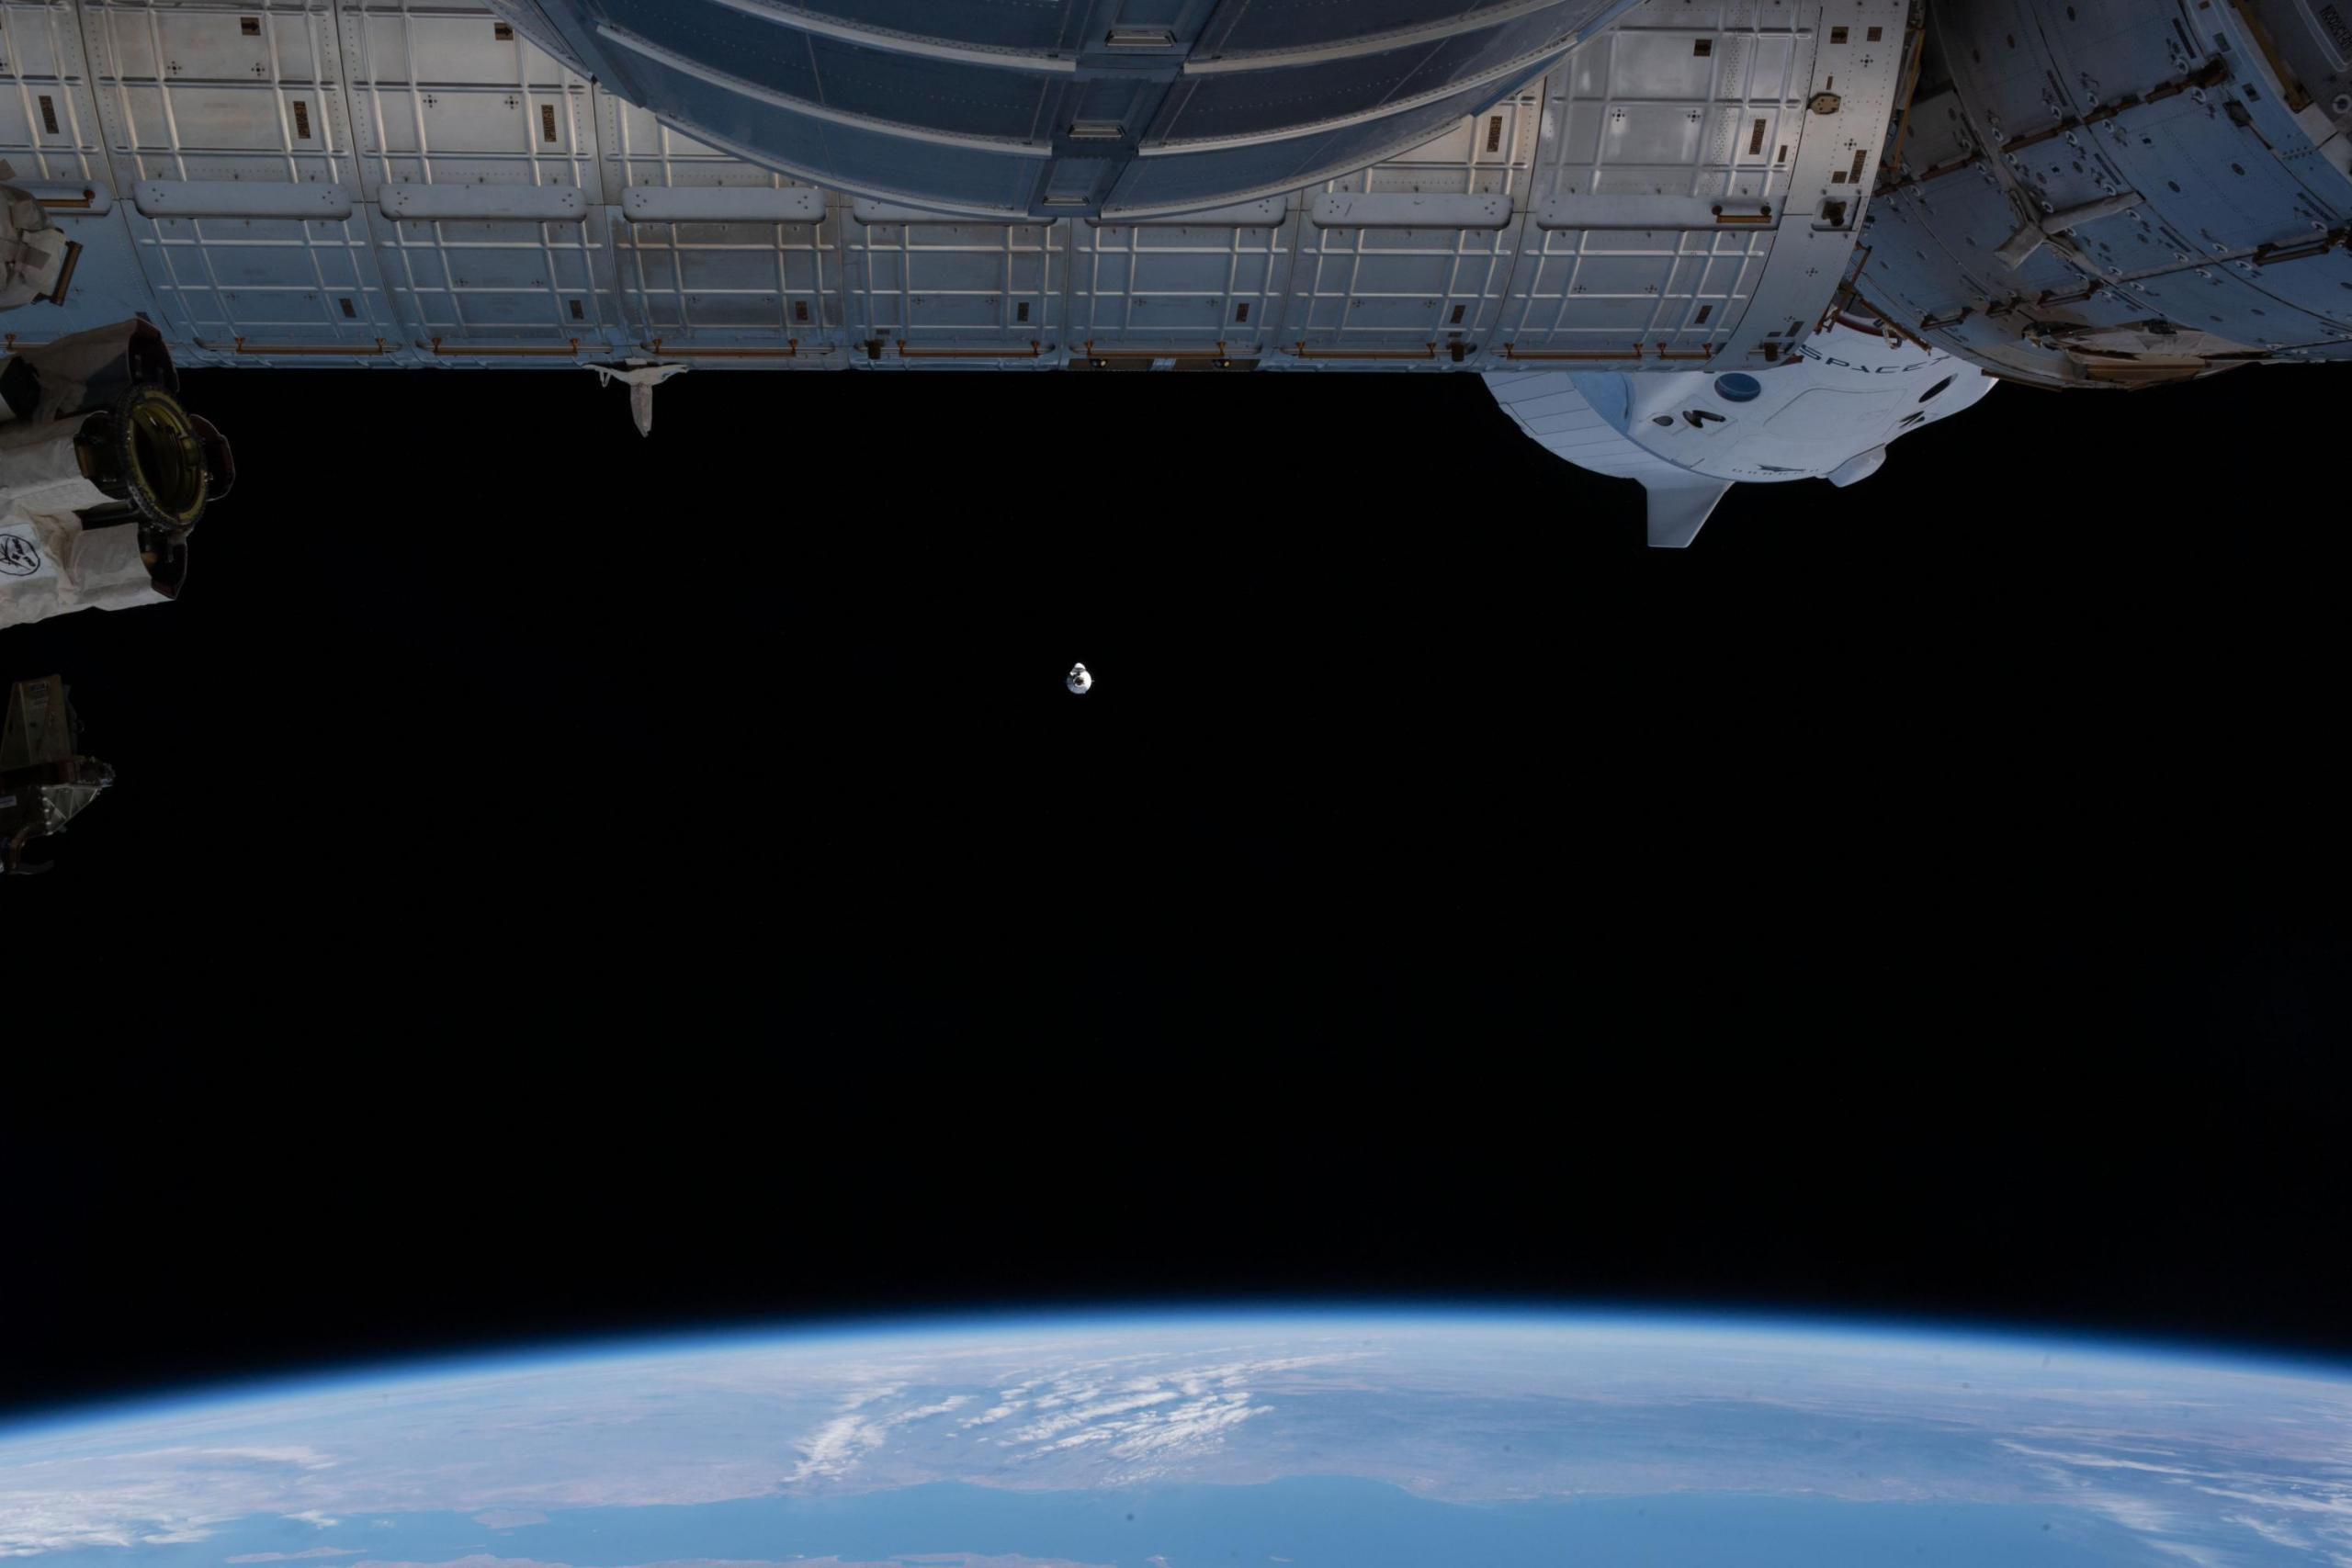 SpaceX Cargo Dragon en aproximación a la estación espacial